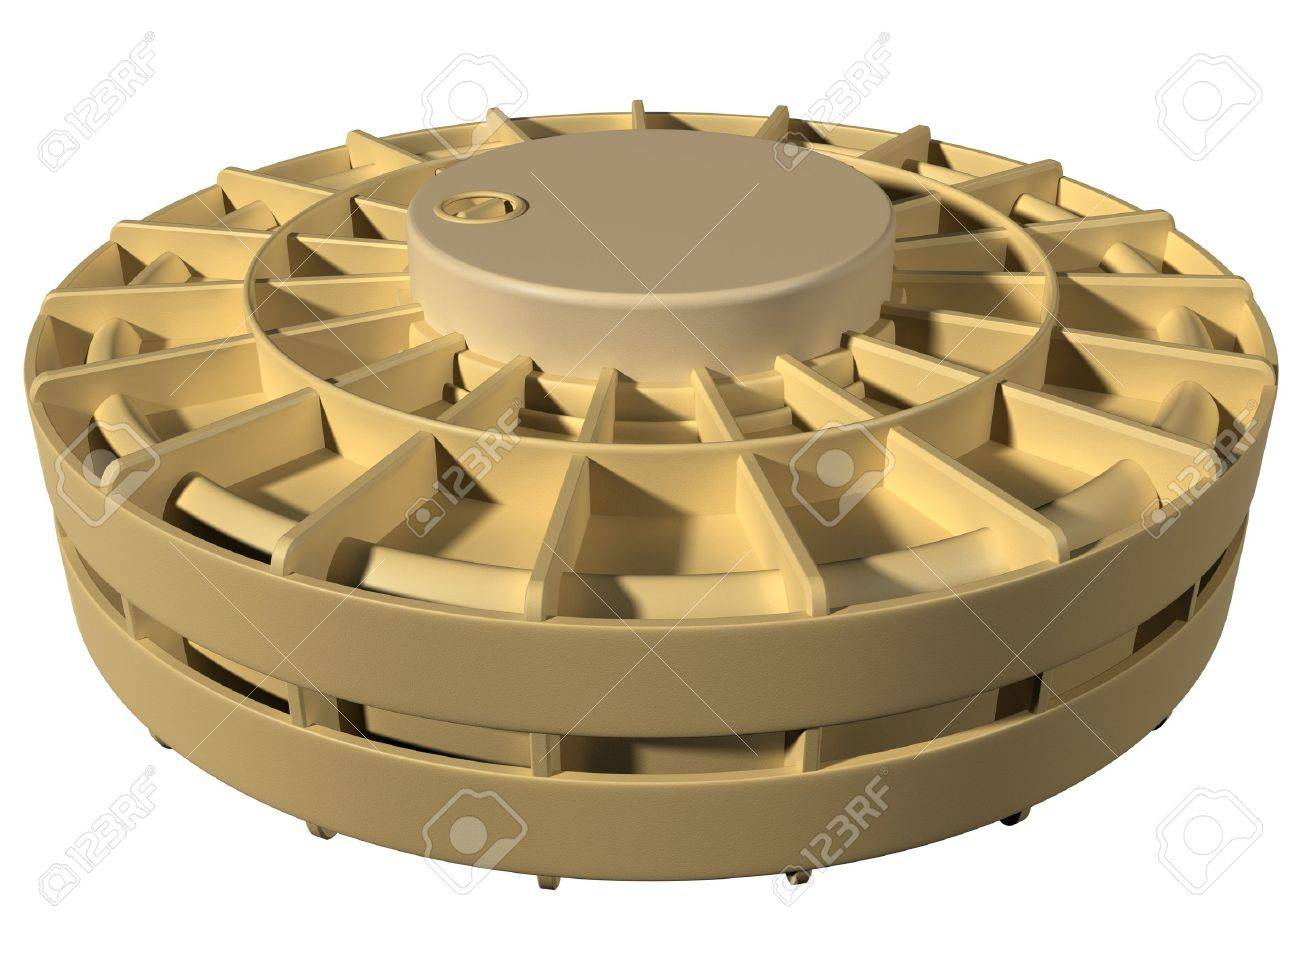 Isolated illustration of a desert landmine Stock Illustration - 7782623